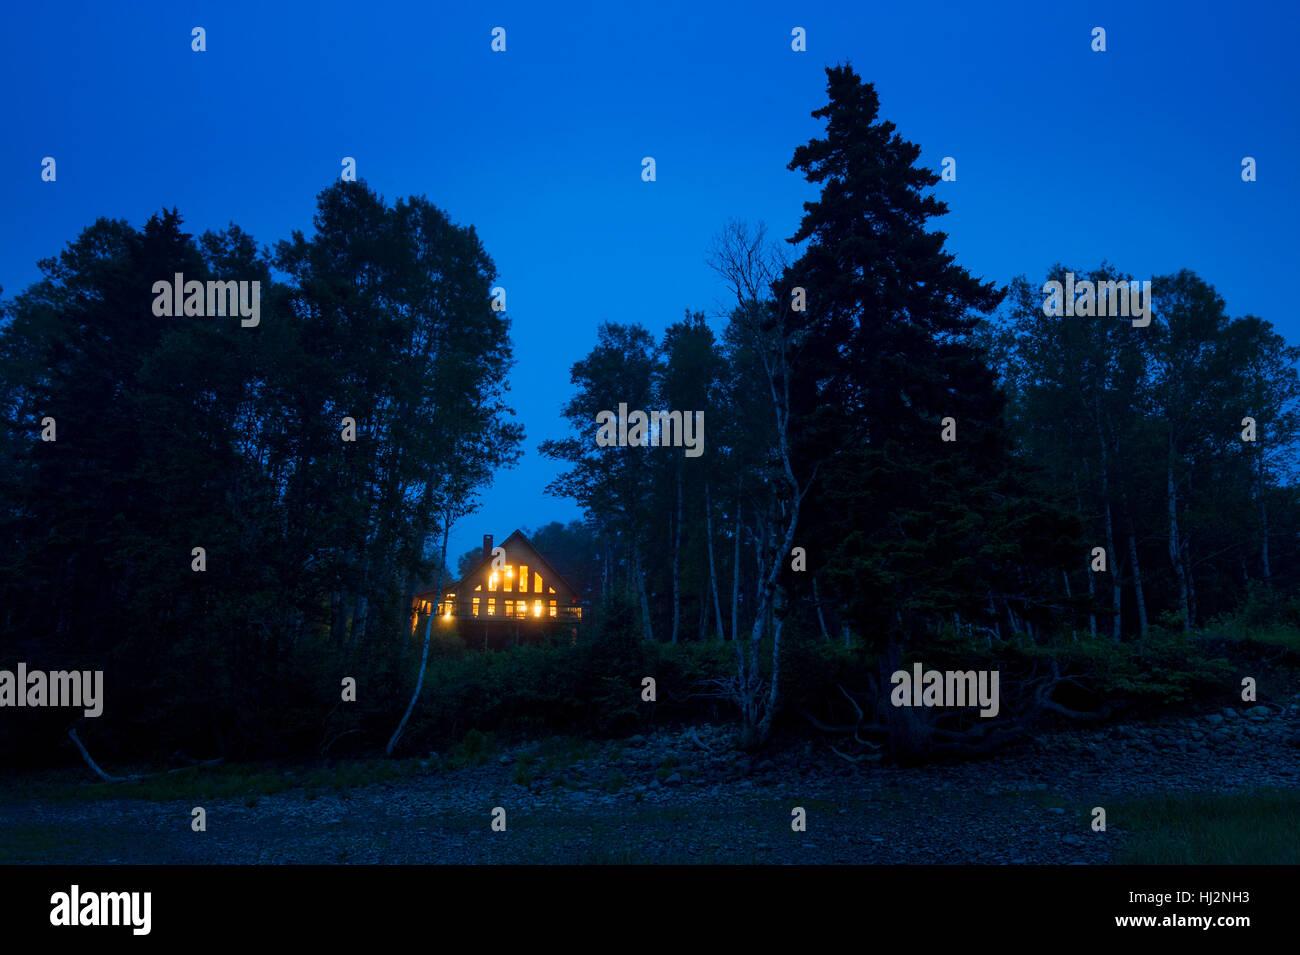 Una cabaña está iluminada al atardecer a lo largo de una costa cubiertas de árboles. Imagen De Stock